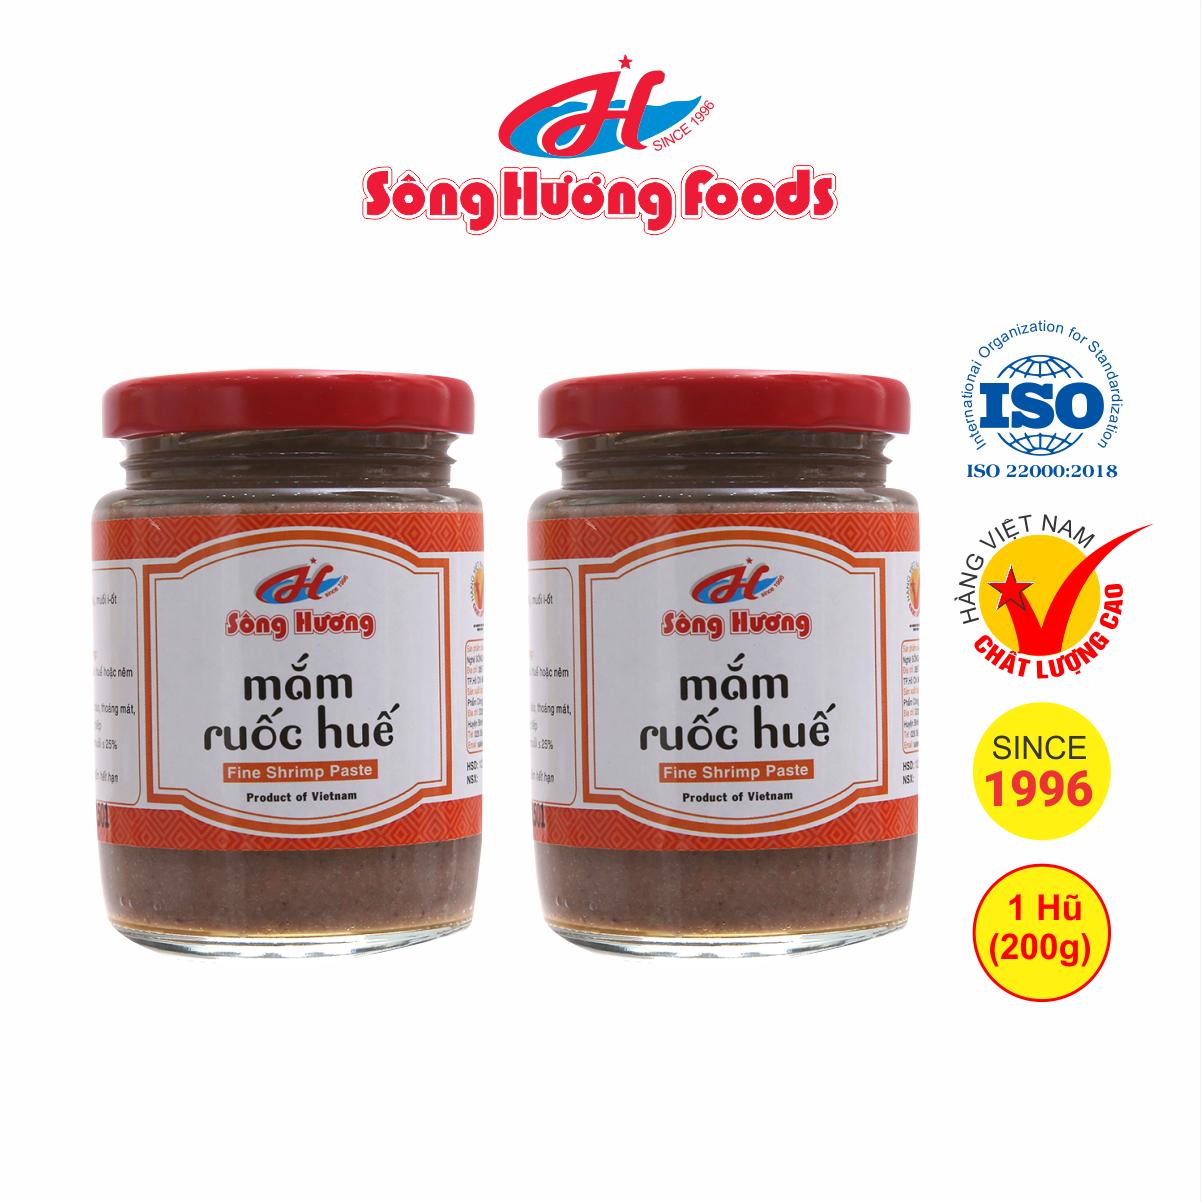 2 Hũ mắm ruốc huế Sông Hương Foods hũ 200g